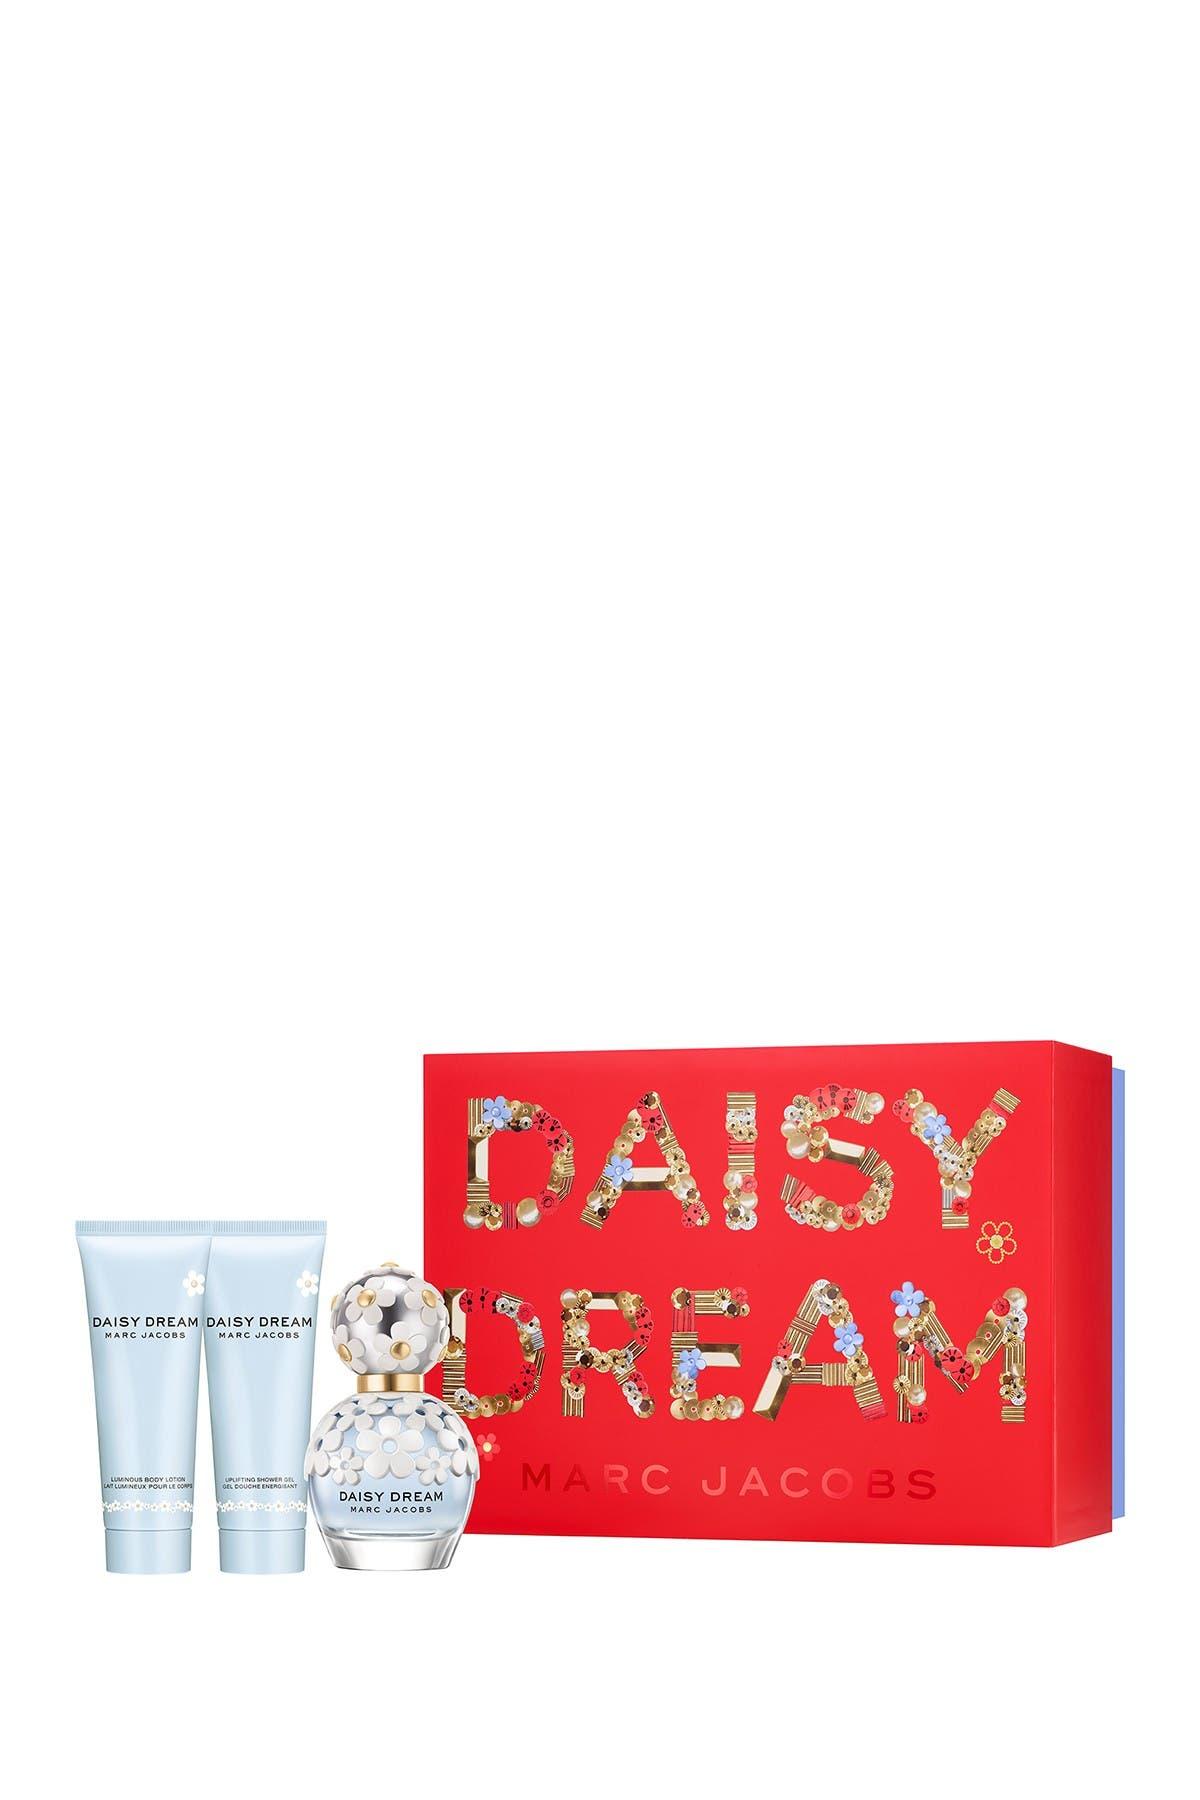 Image of Marc Jacobs Daisy Dream Eau de Toilette Gift Set